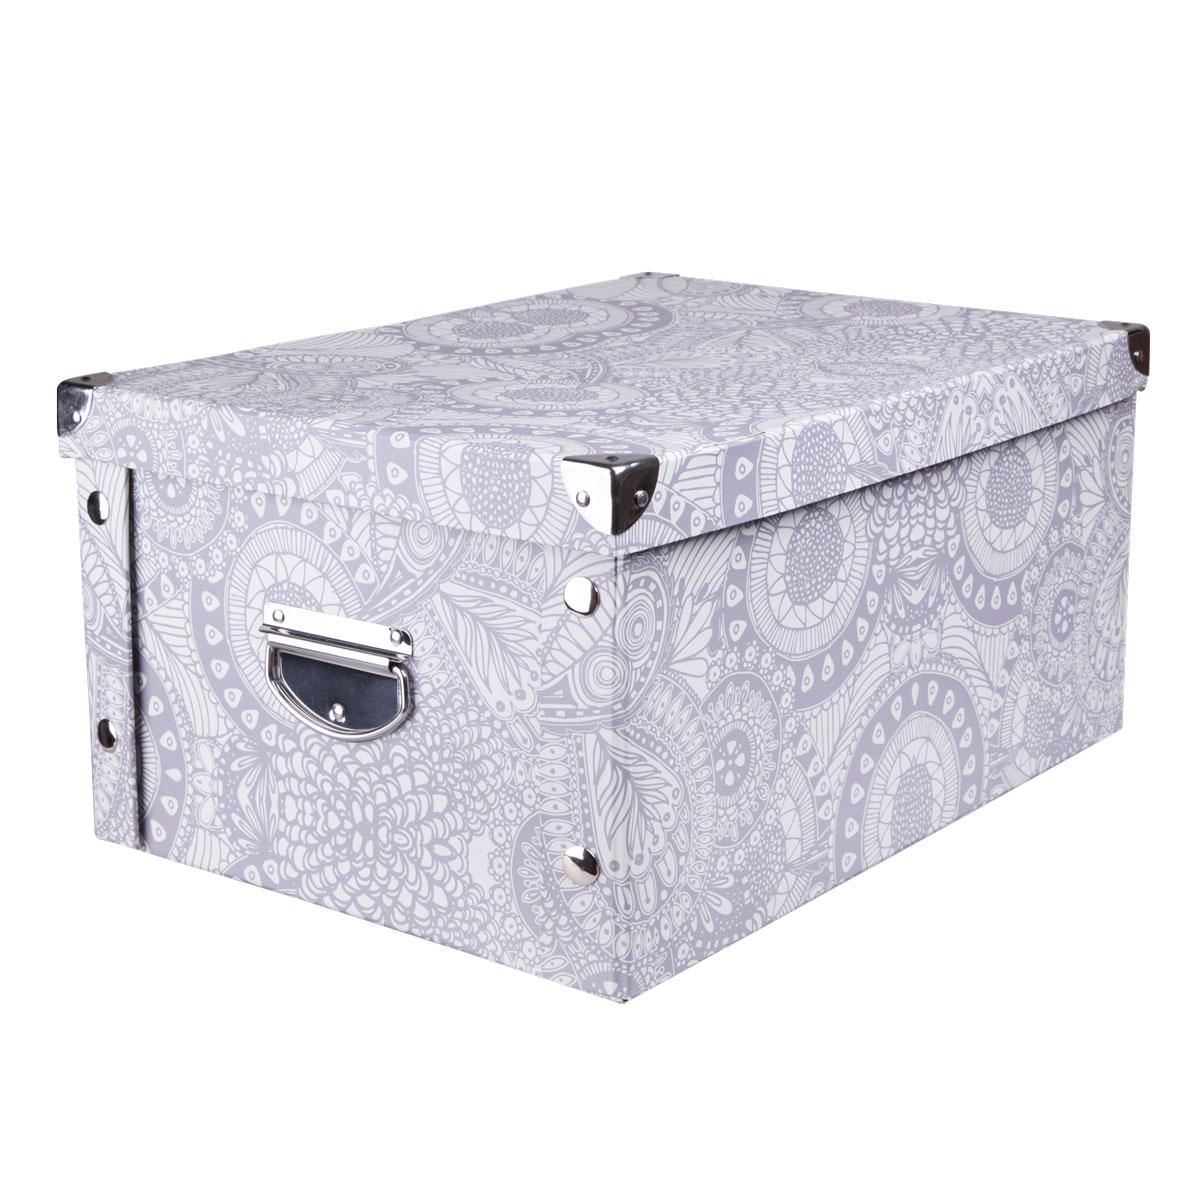 Коробка для хранения Miolla, 35 х 25 х 17,5 см. CFB-02CFB-02Коробка для хранения Miolla прекрасно подойдет для хранения бытовых мелочей, документов, аксессуаров для рукоделия и других мелких предметов. Коробка поставляется в разобранном виде, легко и быстро складывается. Плотная крышка и удобные для переноски металлические ручки станут приятным дополнением к функциональным достоинствам коробки. Удобная крышка не даст ни одной вещи потеряться, а оптимальный размер подойдет для любого шкафа или полки. Компактная, но при этом вместительная коробка для хранения станет яркой нотой в вашем интерьере.